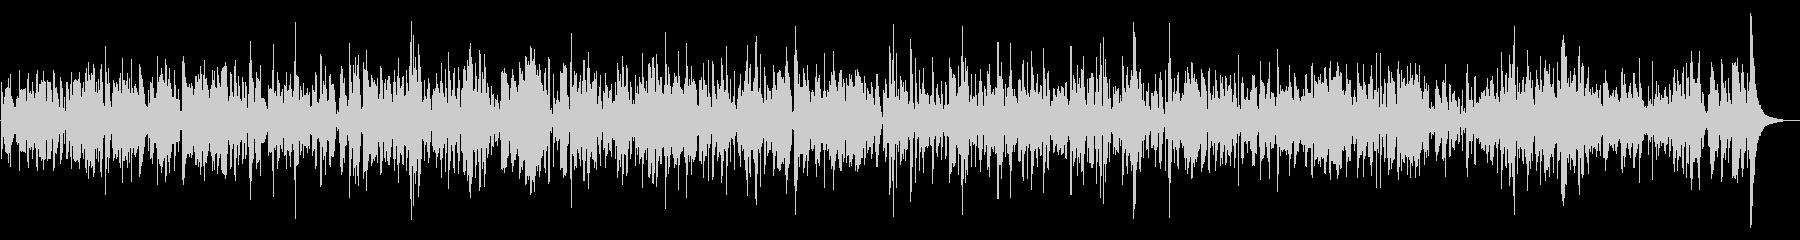 優しく穏やかなクラリネットジャズBGMの未再生の波形